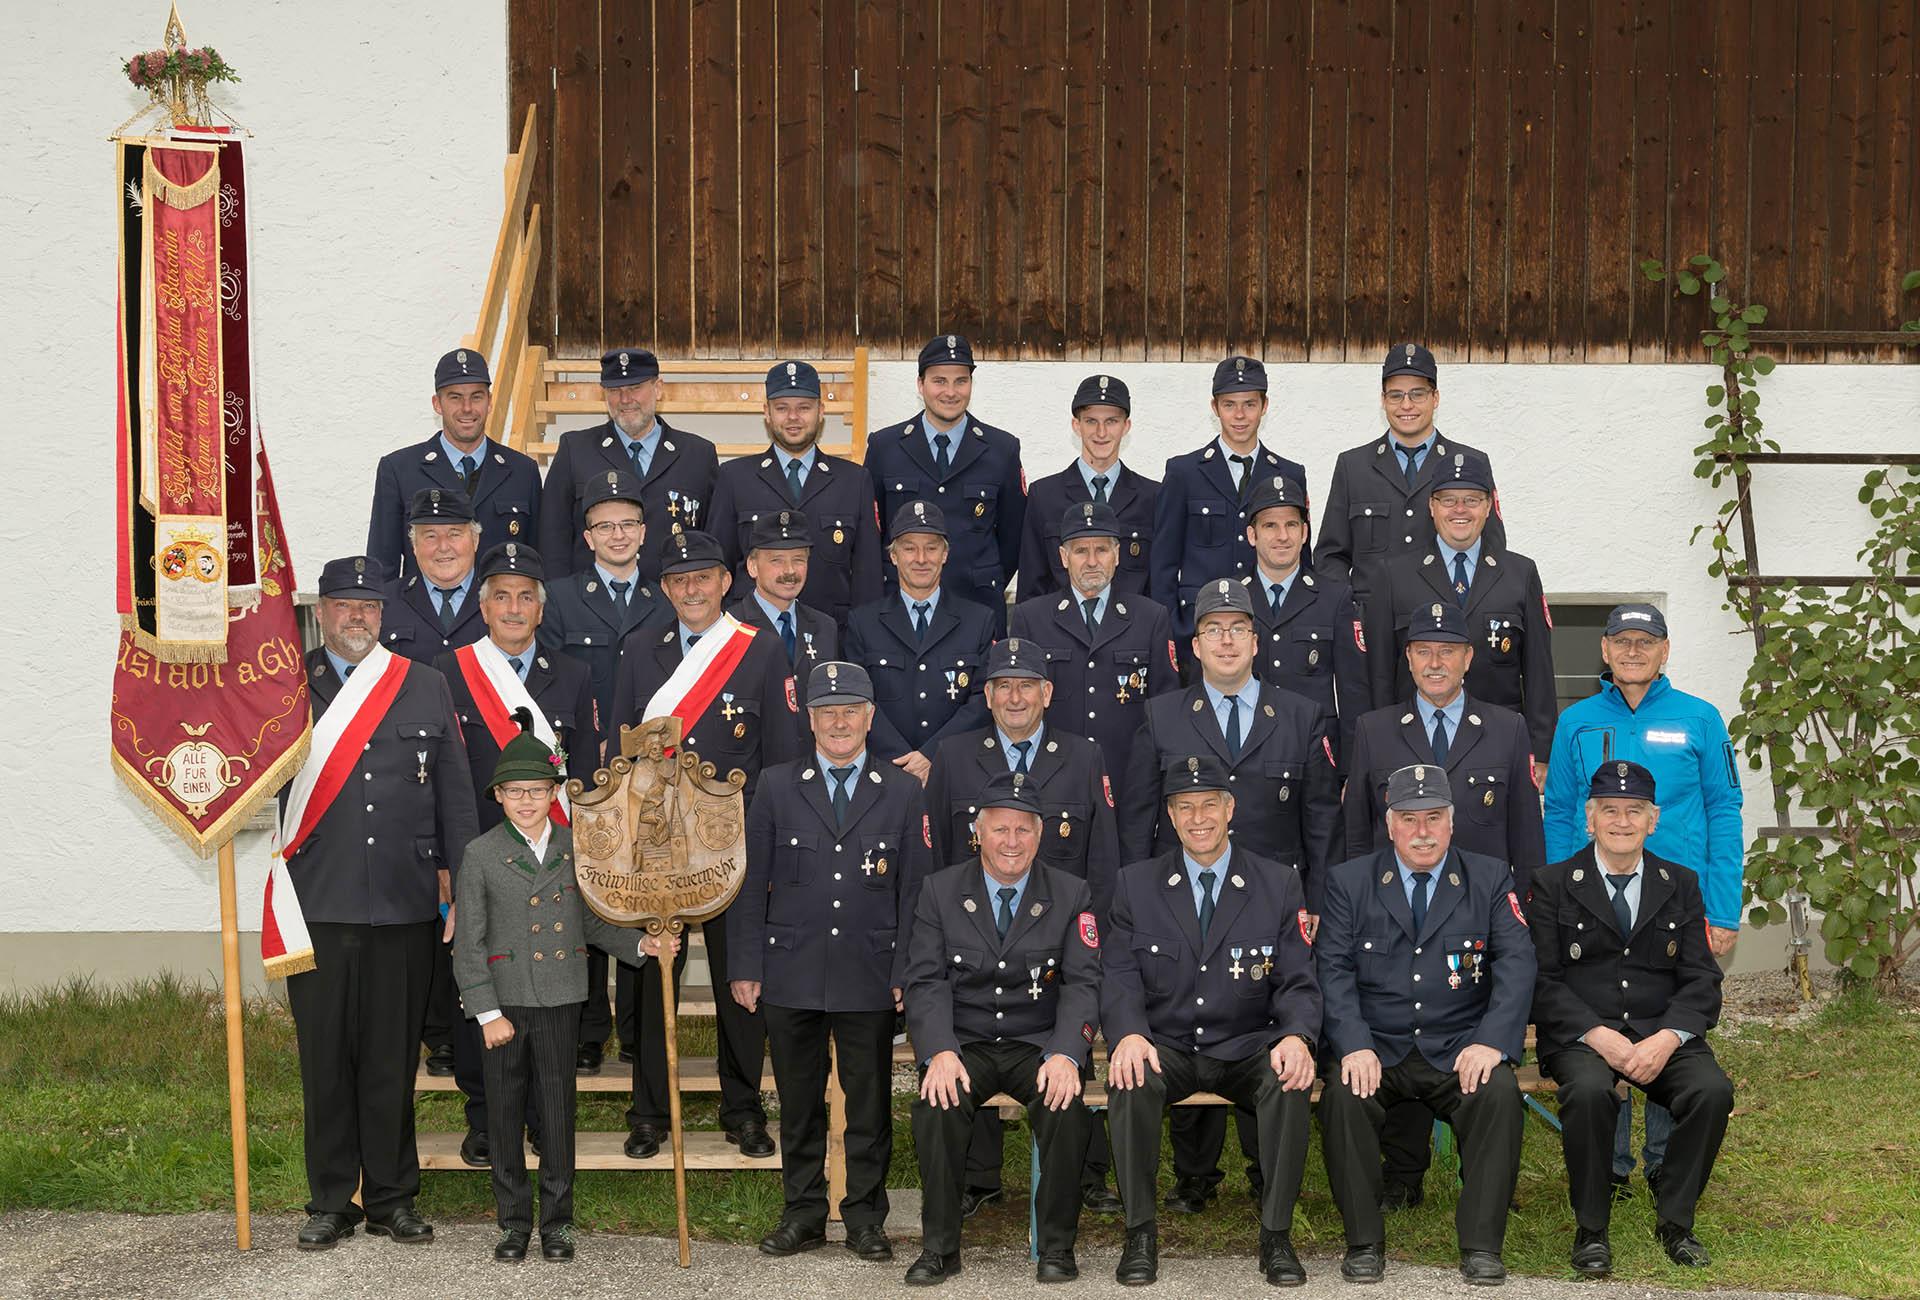 Foto Weidner Gruppenfoto für Vereine FFW Freiwillige Feuerwehr Gstadt